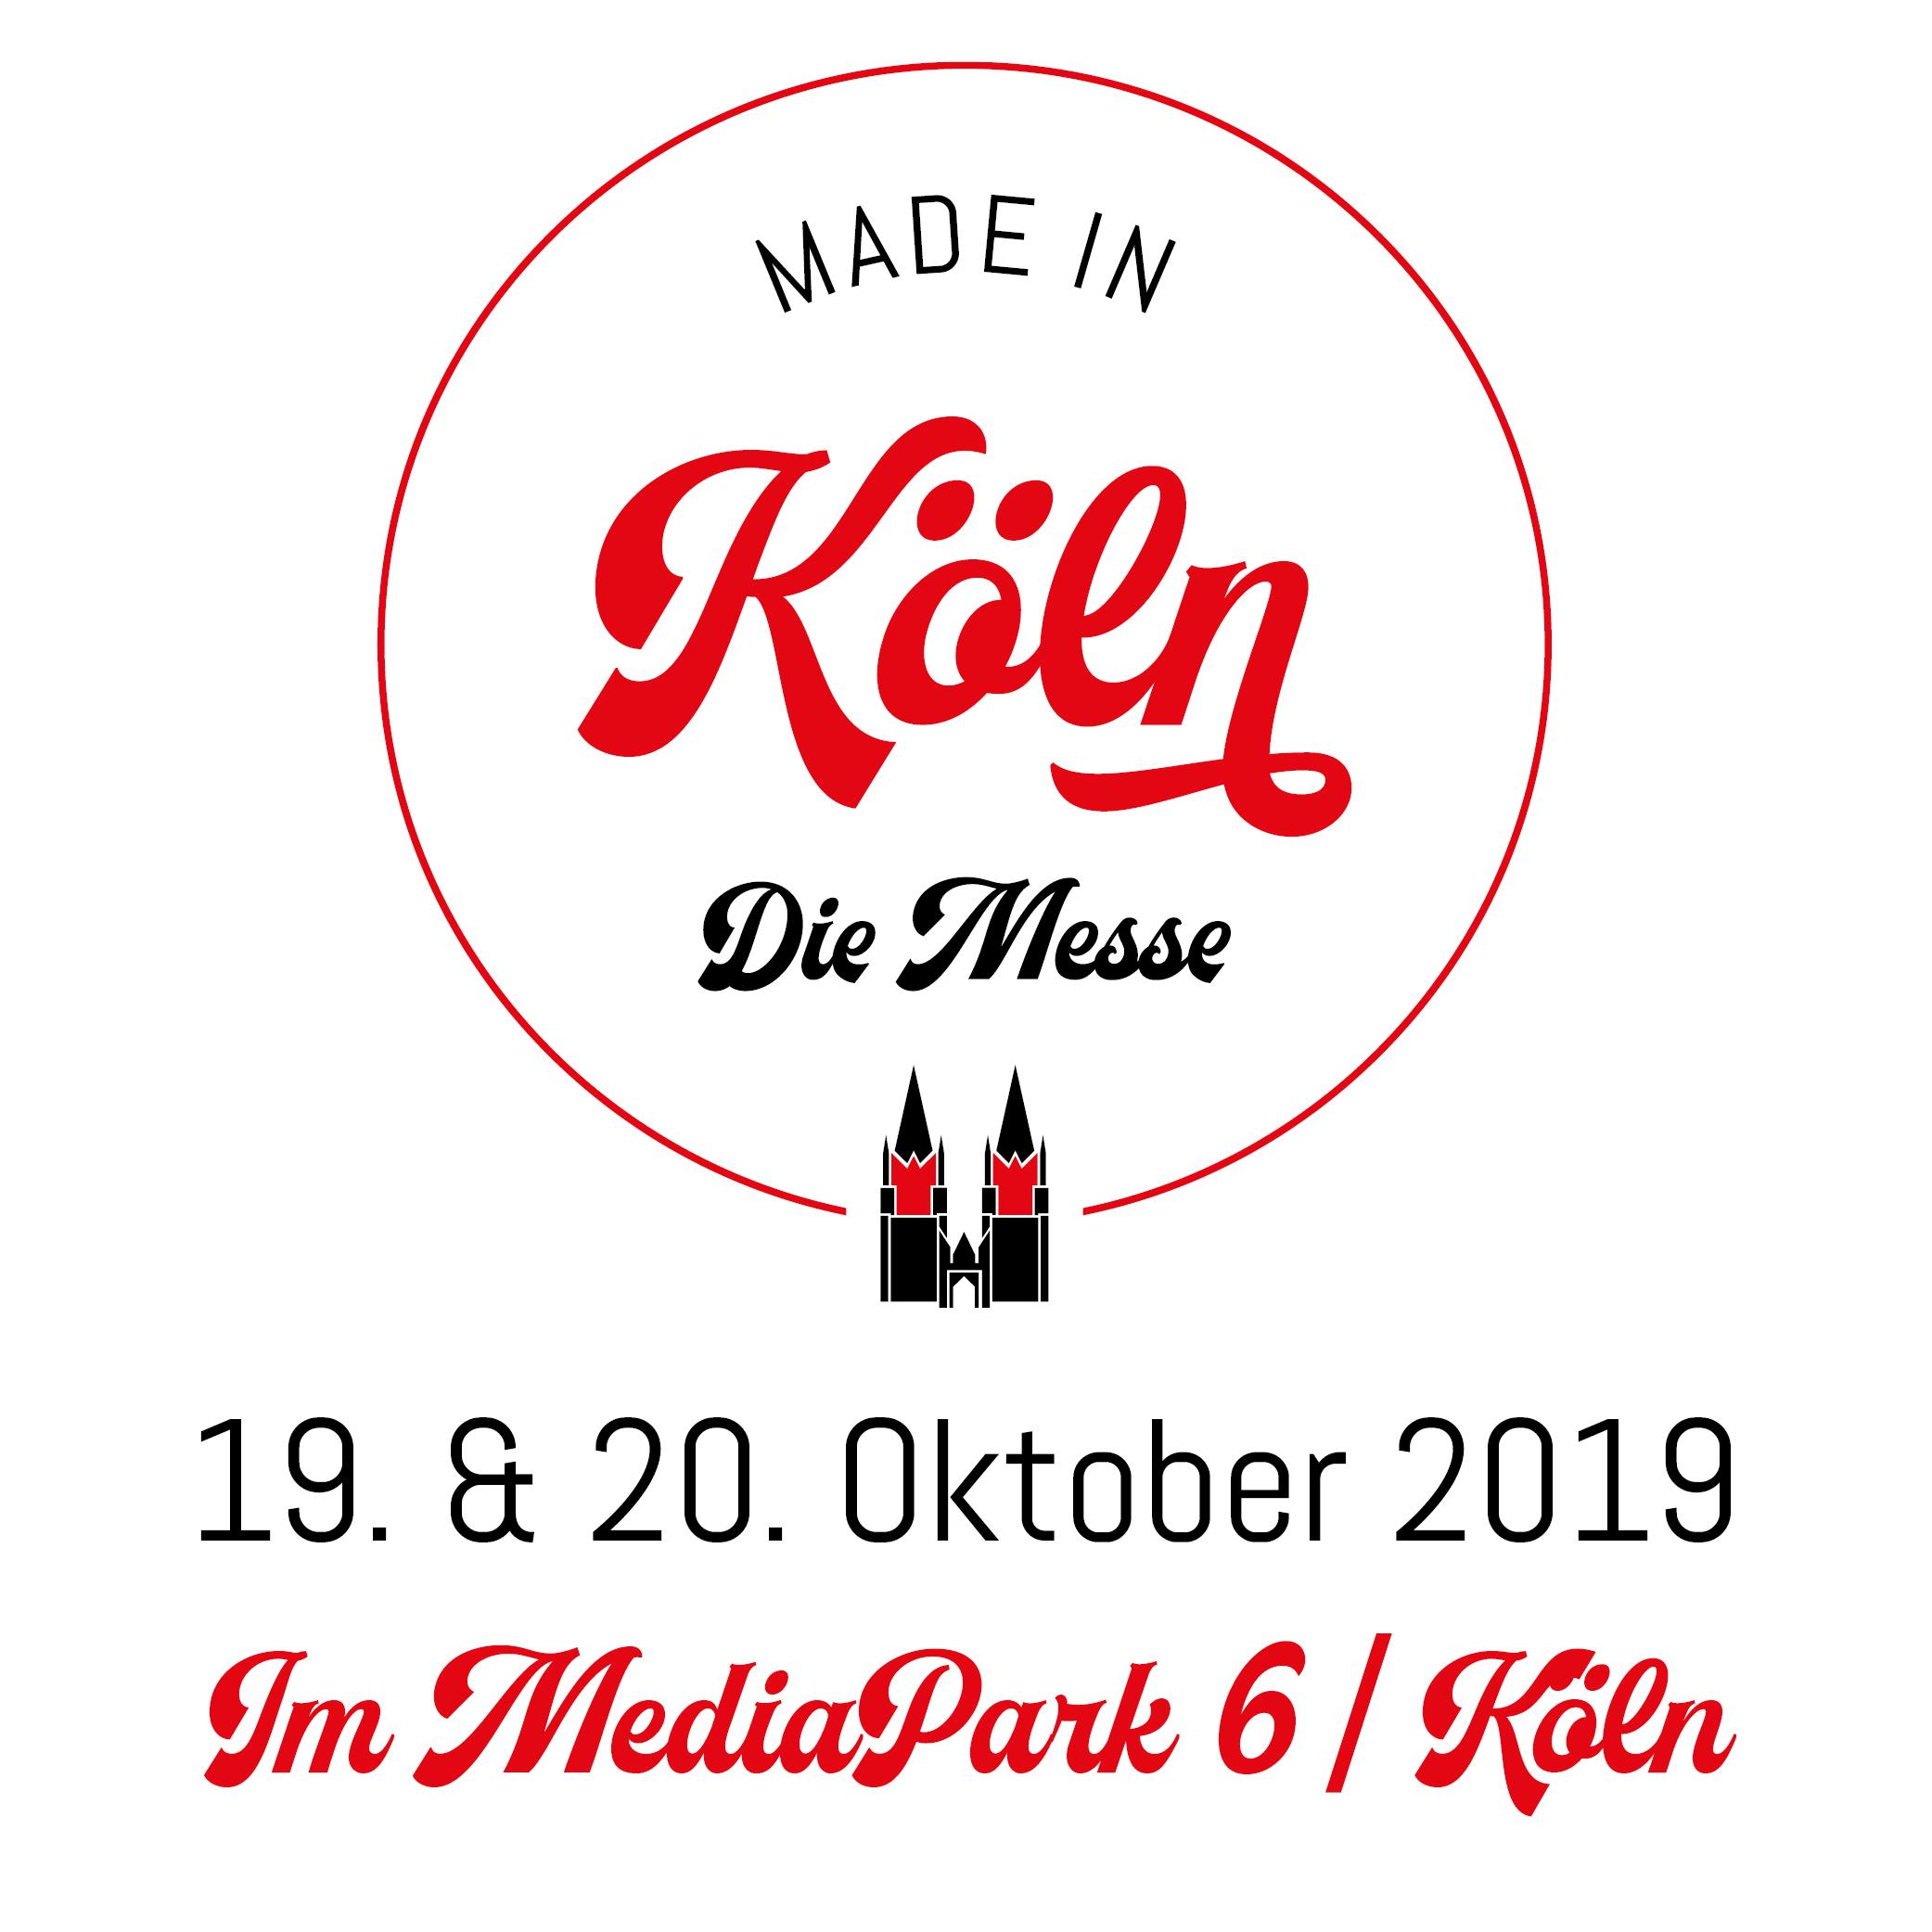 2019 Made In Köln